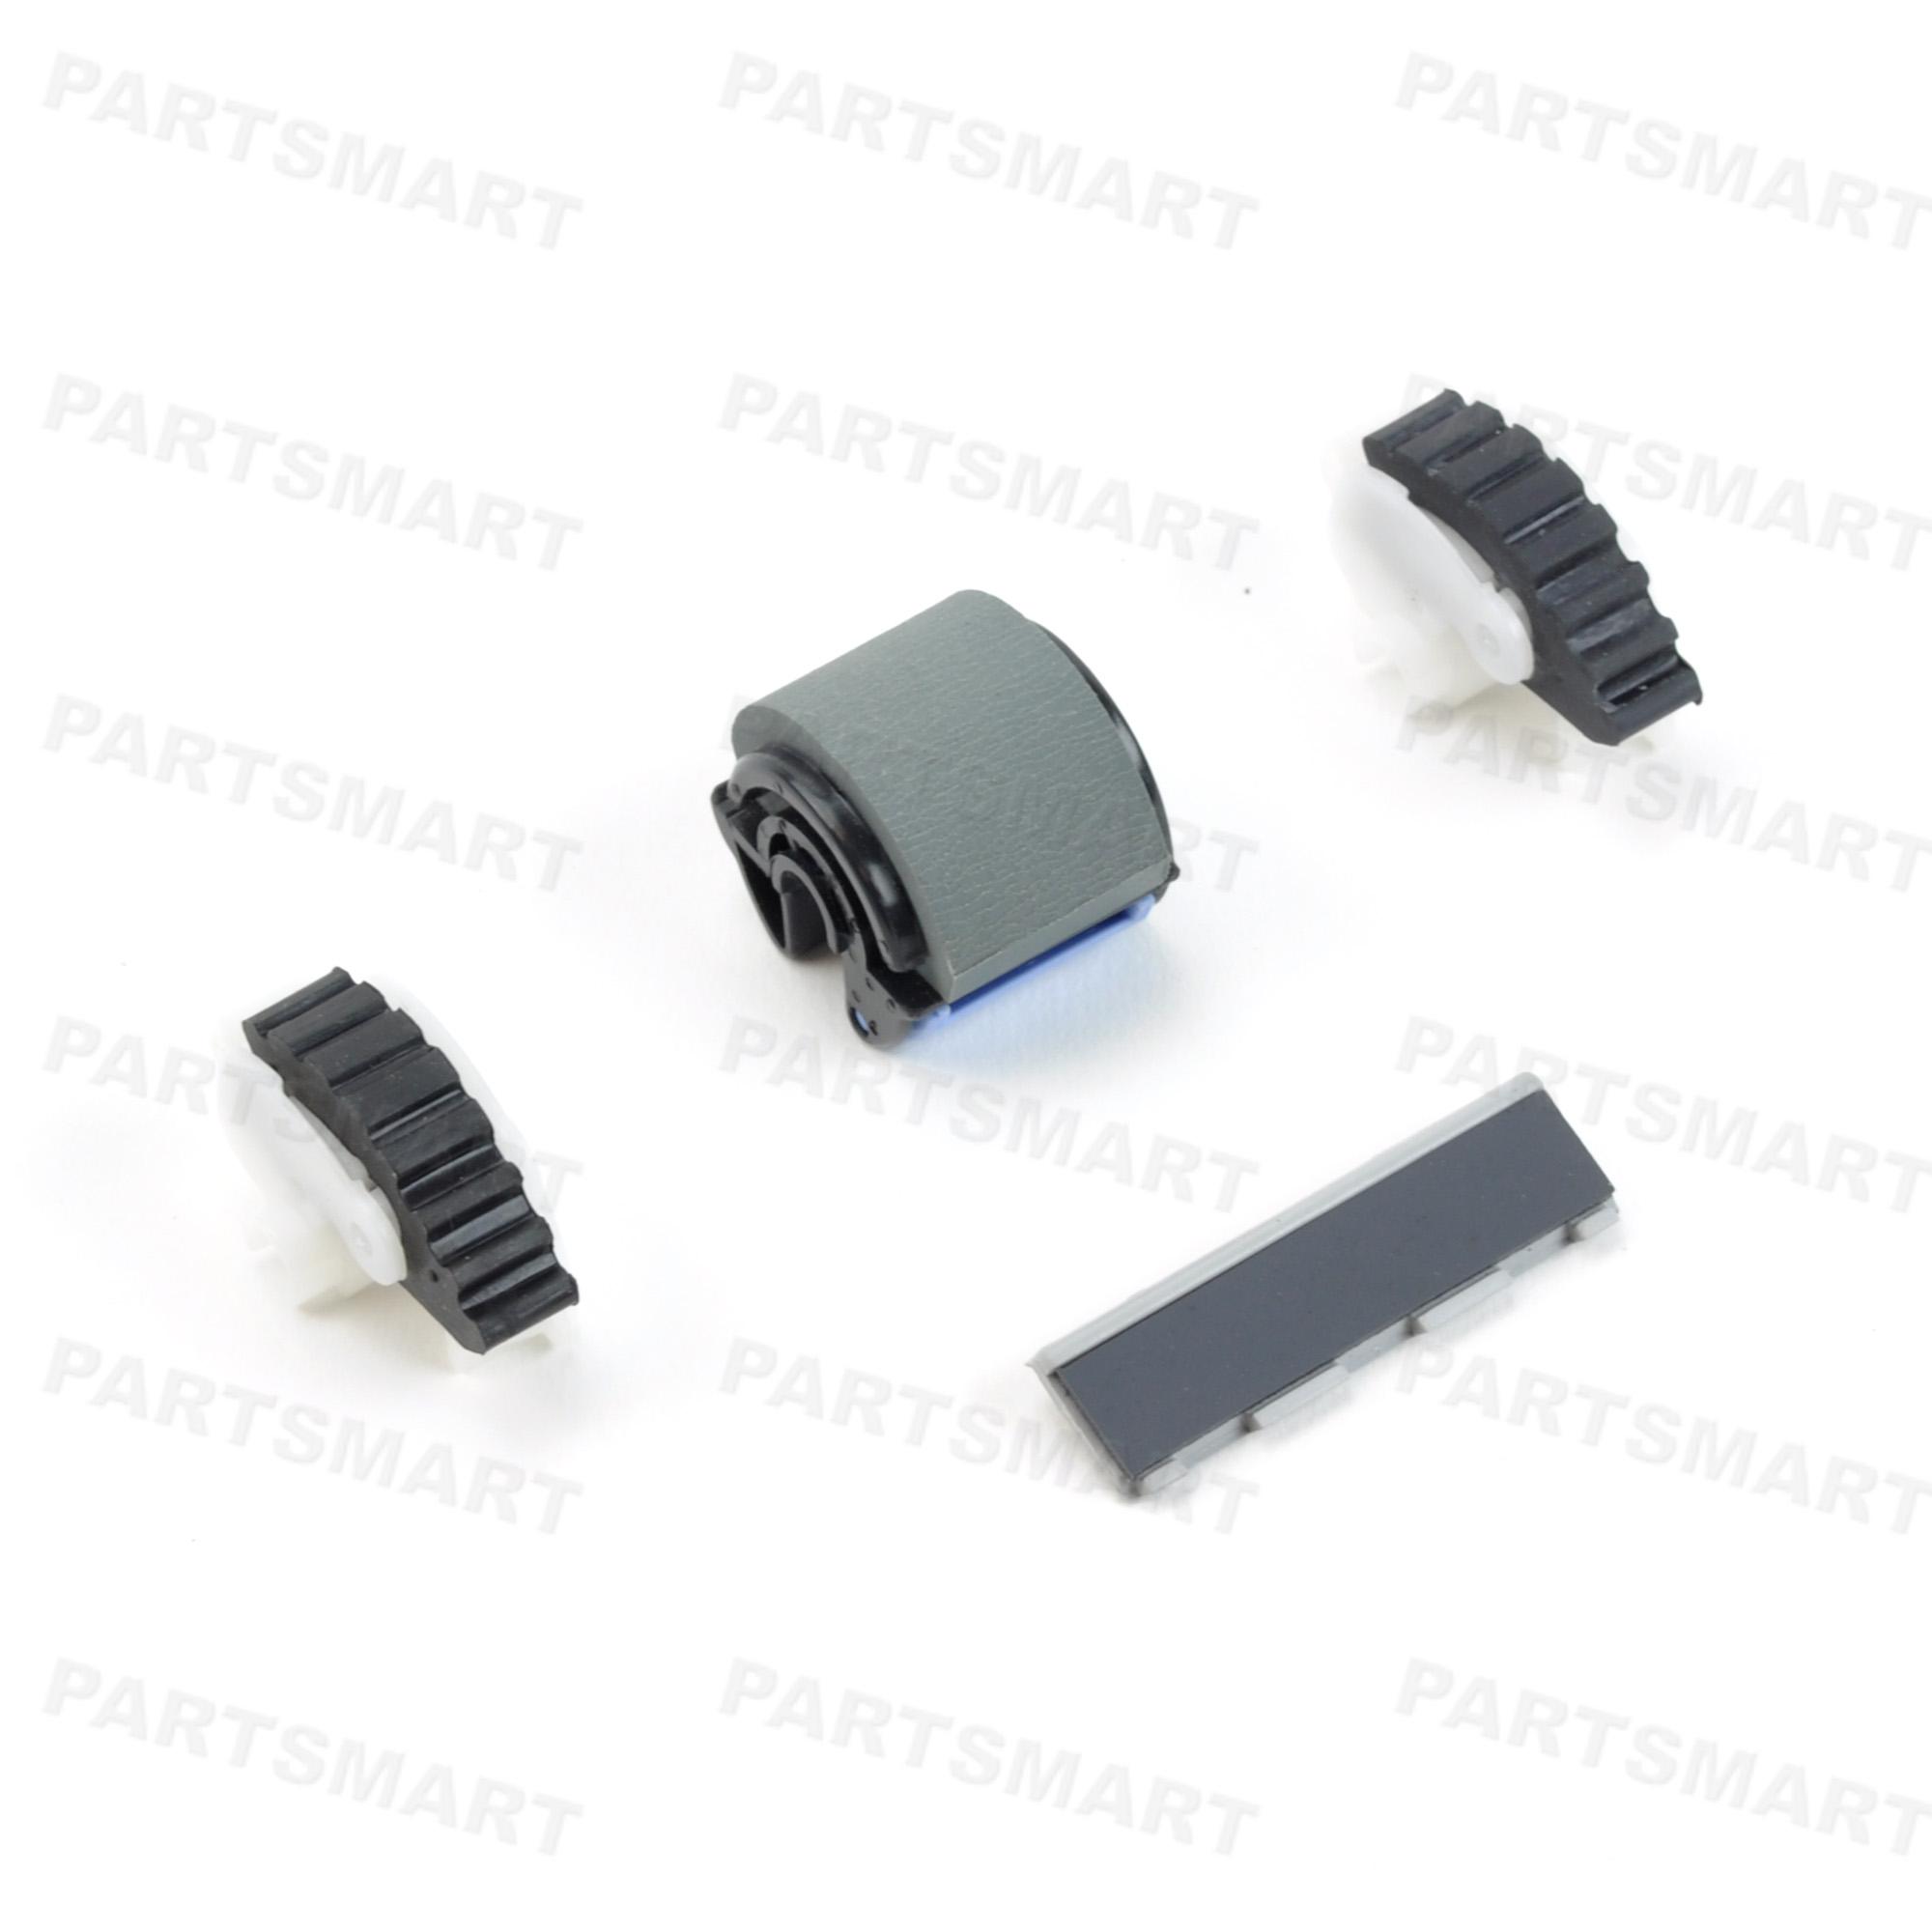 RK-4600 Preventive Maintenance Roller Kit